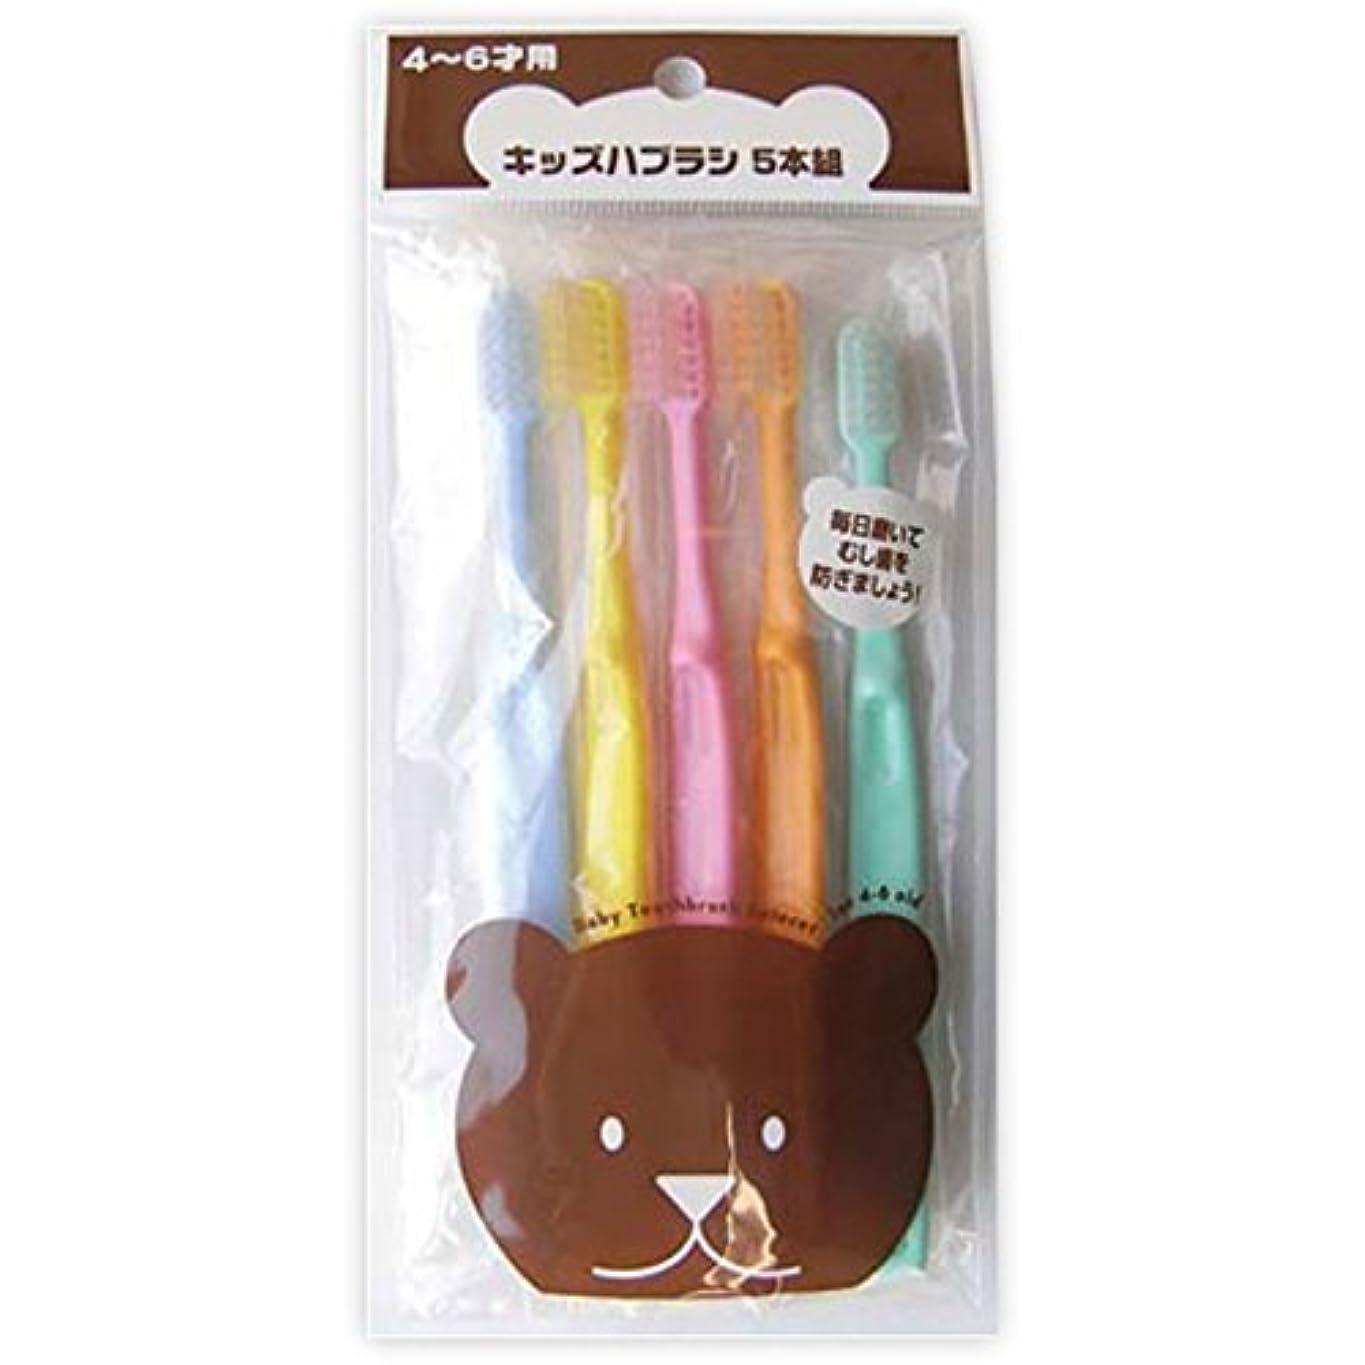 勉強するご注意方法ファイン キッズ歯ブラシ 5本組 4~6才用